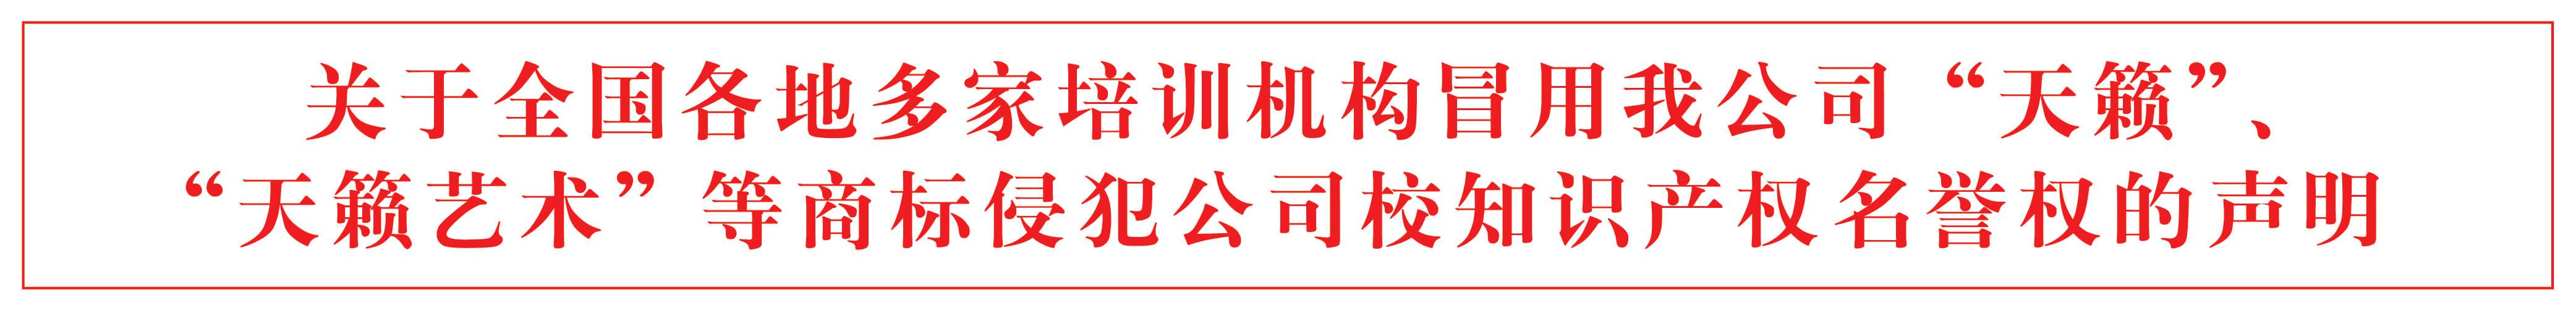 """""""南阳天籁艺术学校""""""""武汉天籁艺术学校""""等机构侵犯天籁艺术学校名誉权和商标权的公告"""